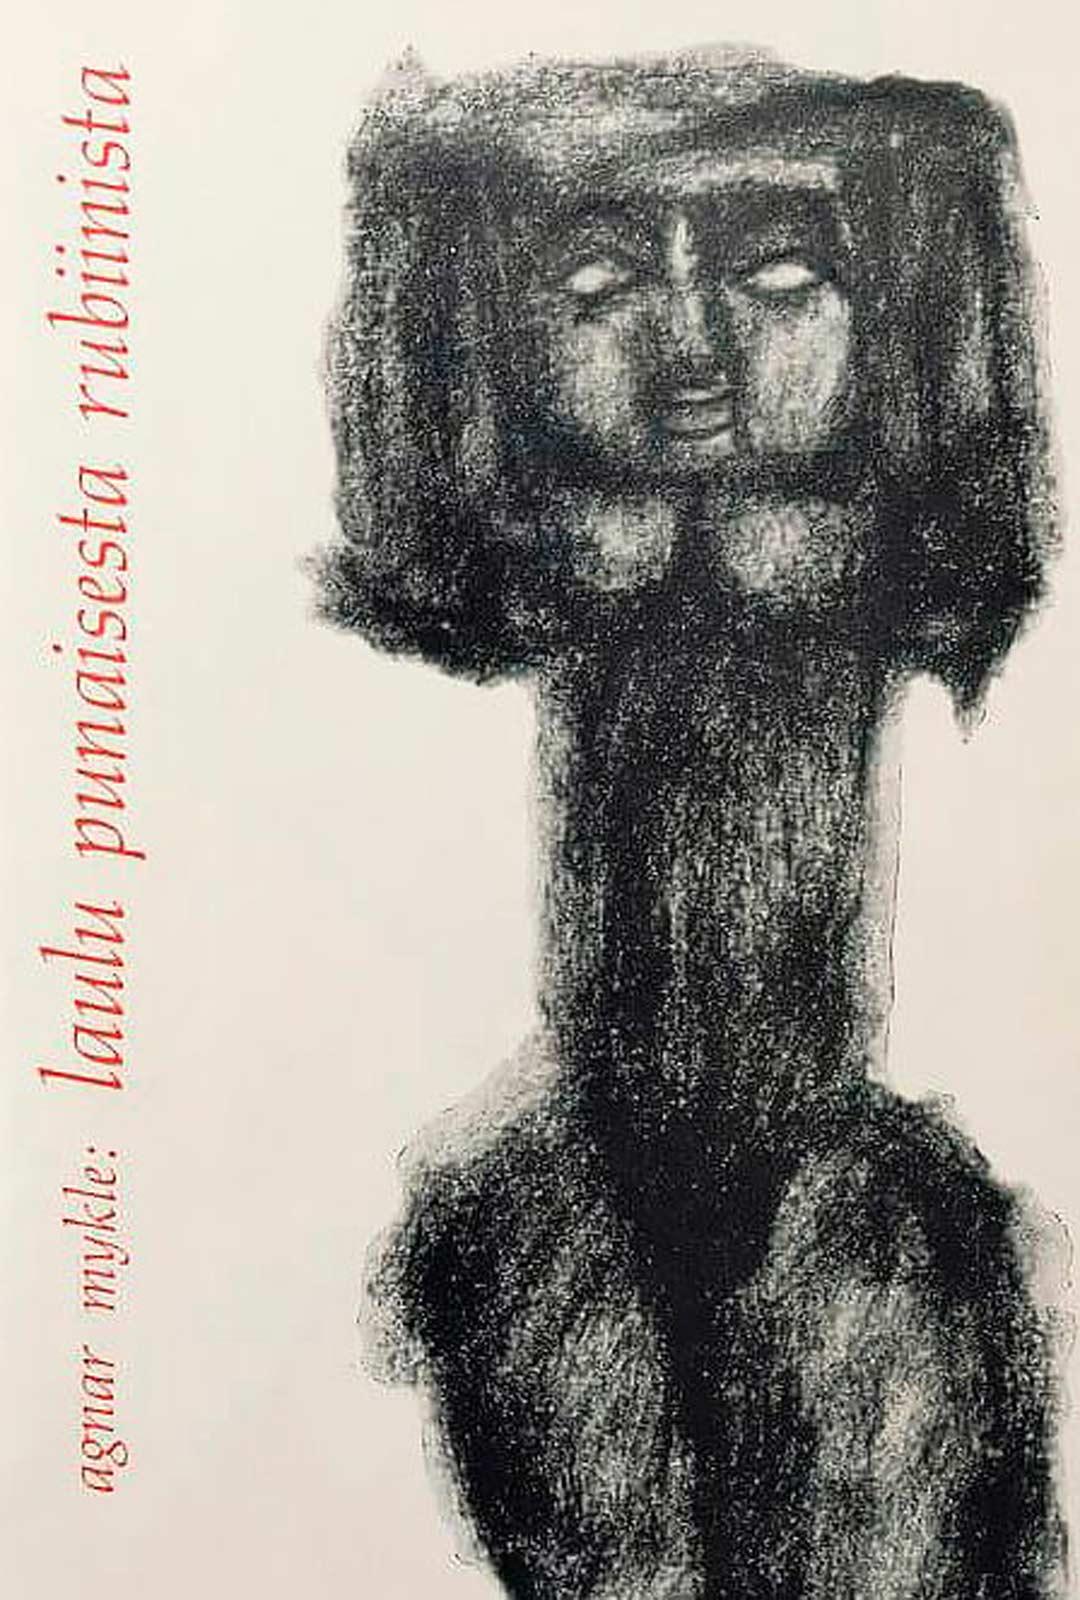 """Punaisen rubiinin teksti oli kohtuullisen suorasanaista: """"...tytön käsi hapuilee hänen kaluaan ja ohjaa sen rajulla survaisulla kohtuunsa"""". Kun kohu kirjan ympärillä laimeni, siitä otettiin uusi painos 1970."""